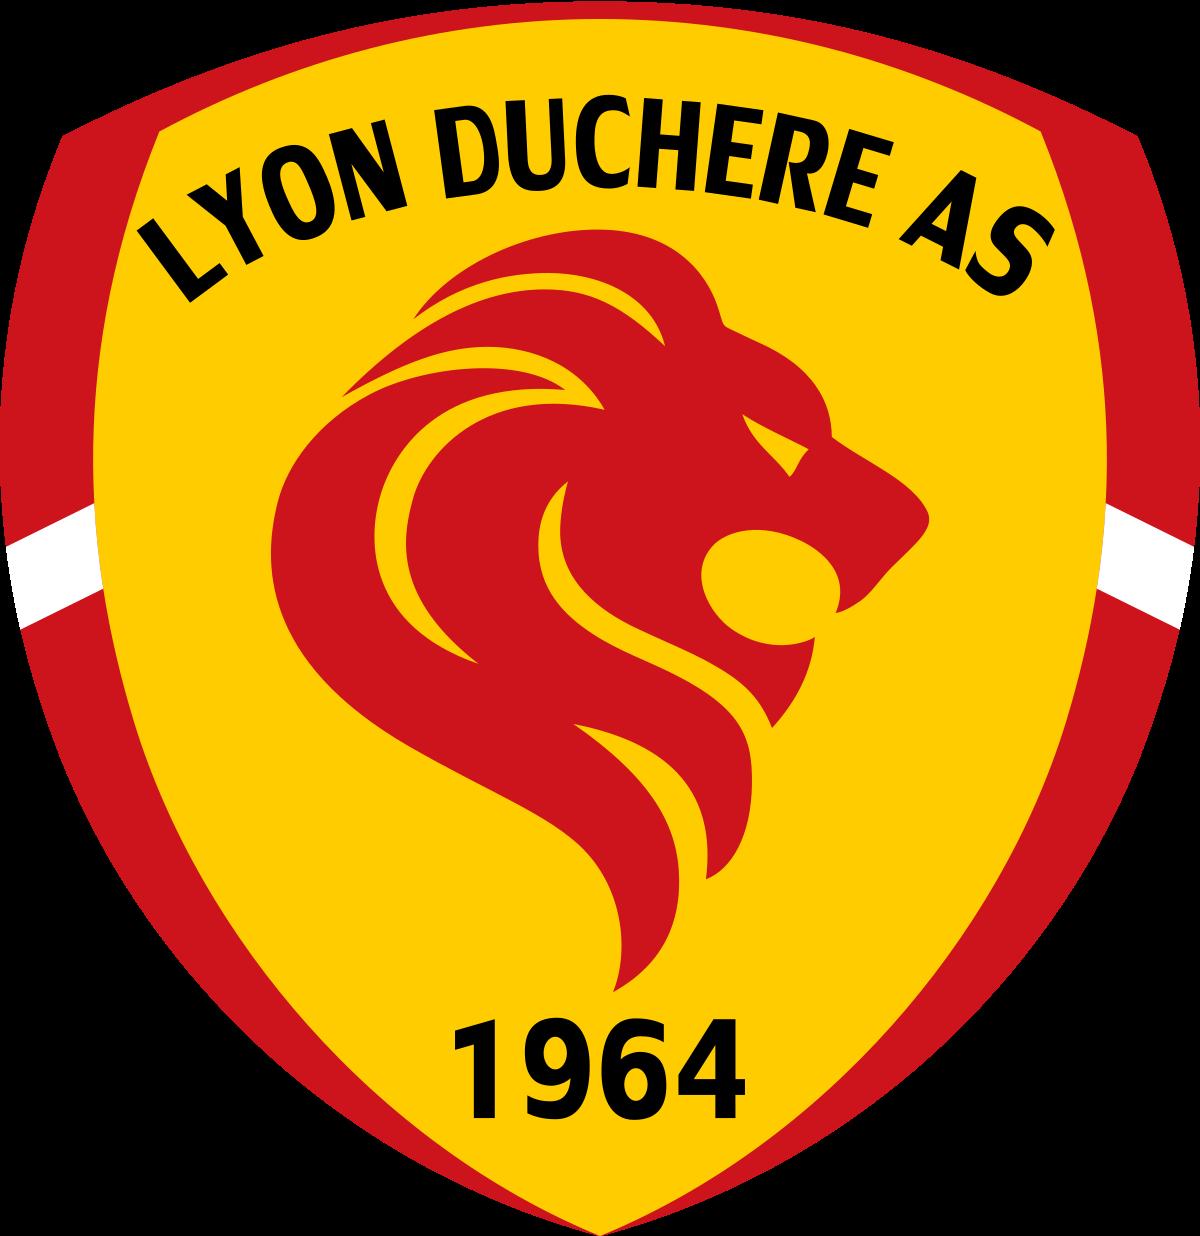 Un entraîneur adjoint arrive à Lyon Duchère